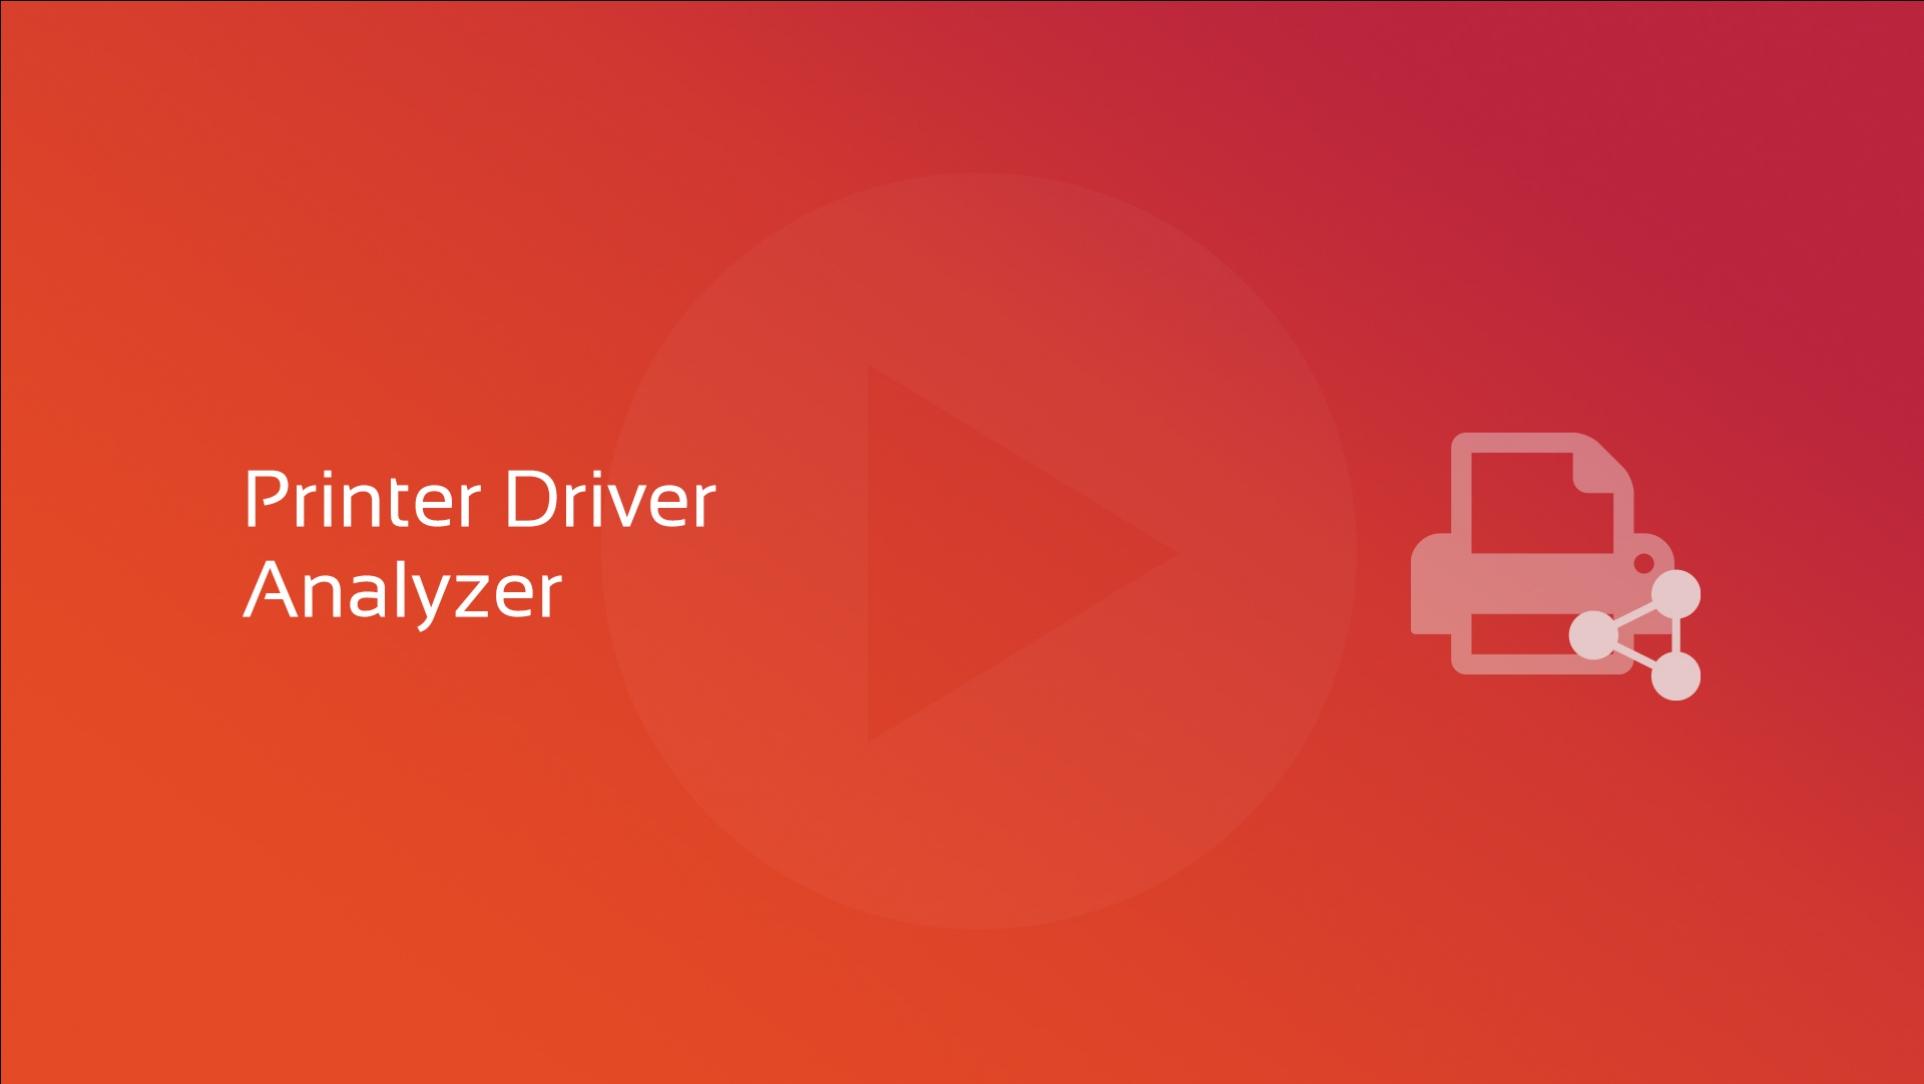 2020-01-09 Printer Driver Analyzer OG